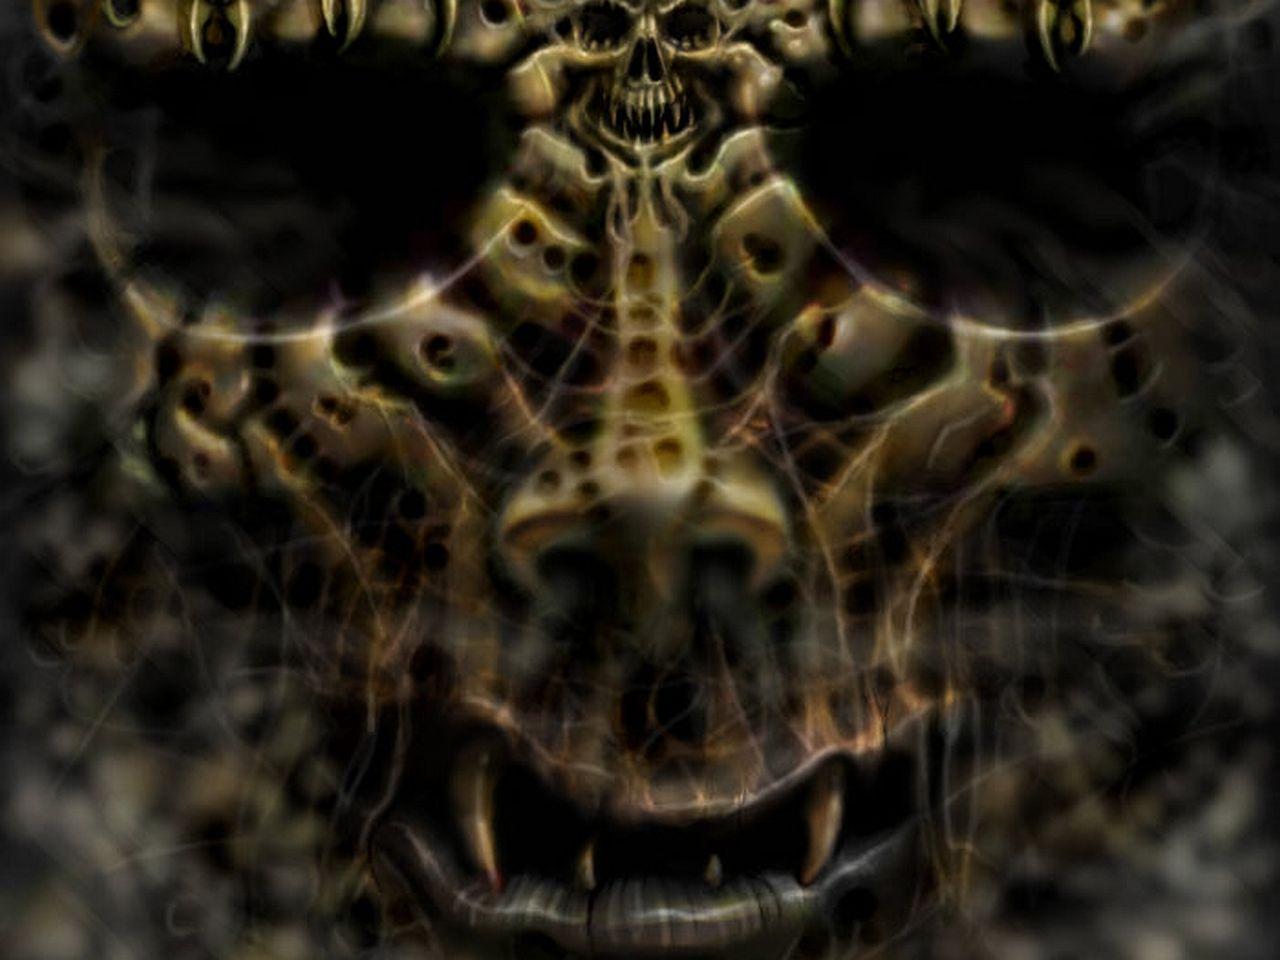 demon skull wallpaper - photo #31